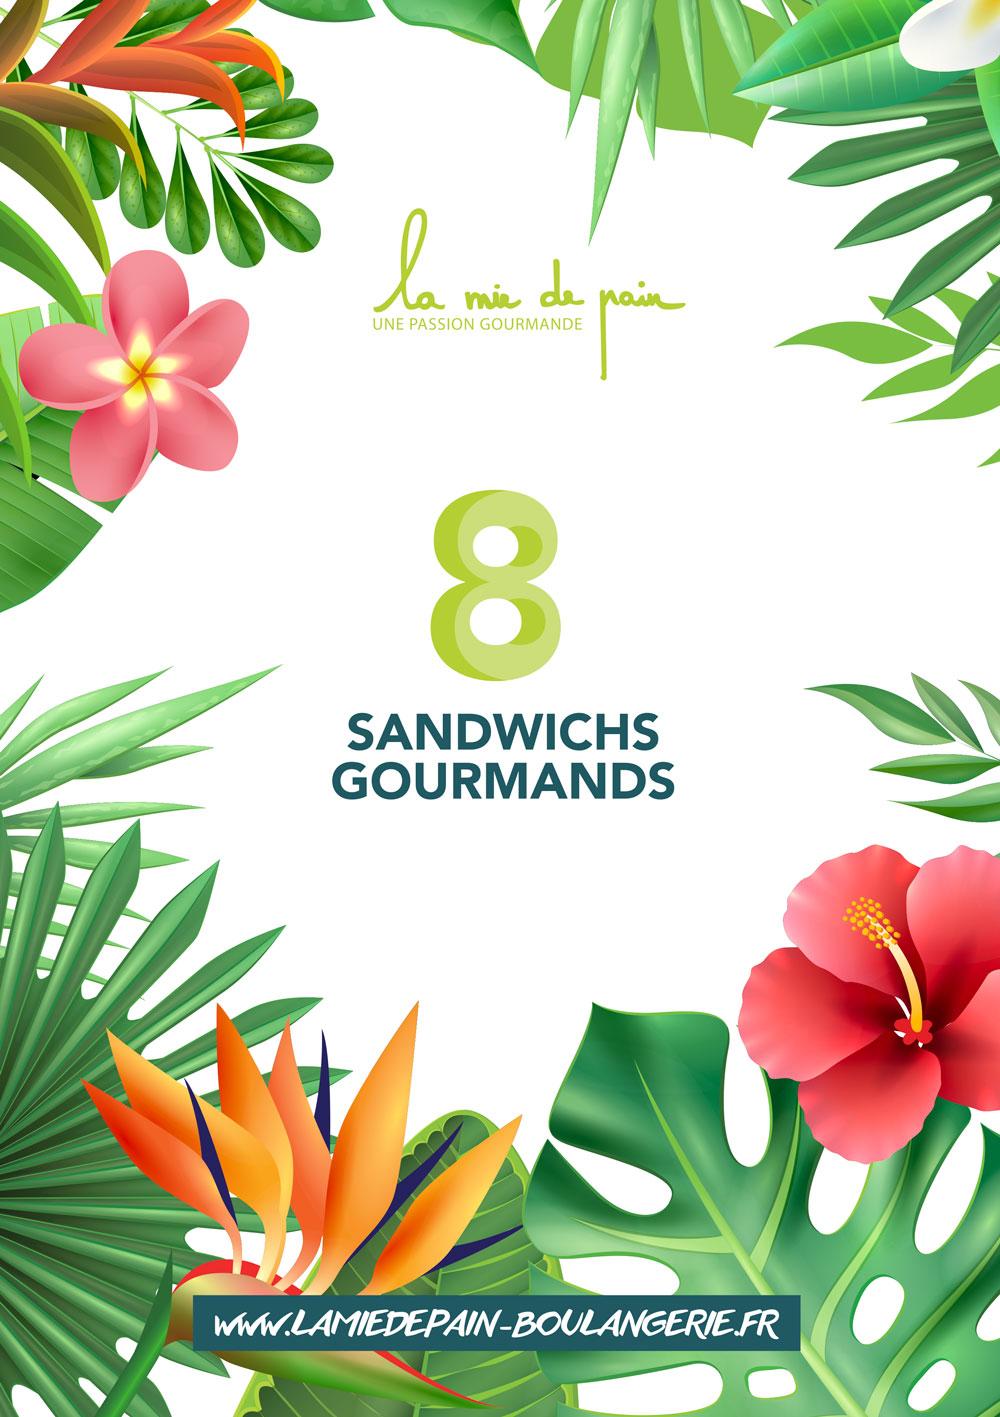 CARTE-ETE-LA-MIE-DE-PAIN-2019-sandwichs-summer-LAMIEDEPAIN-1